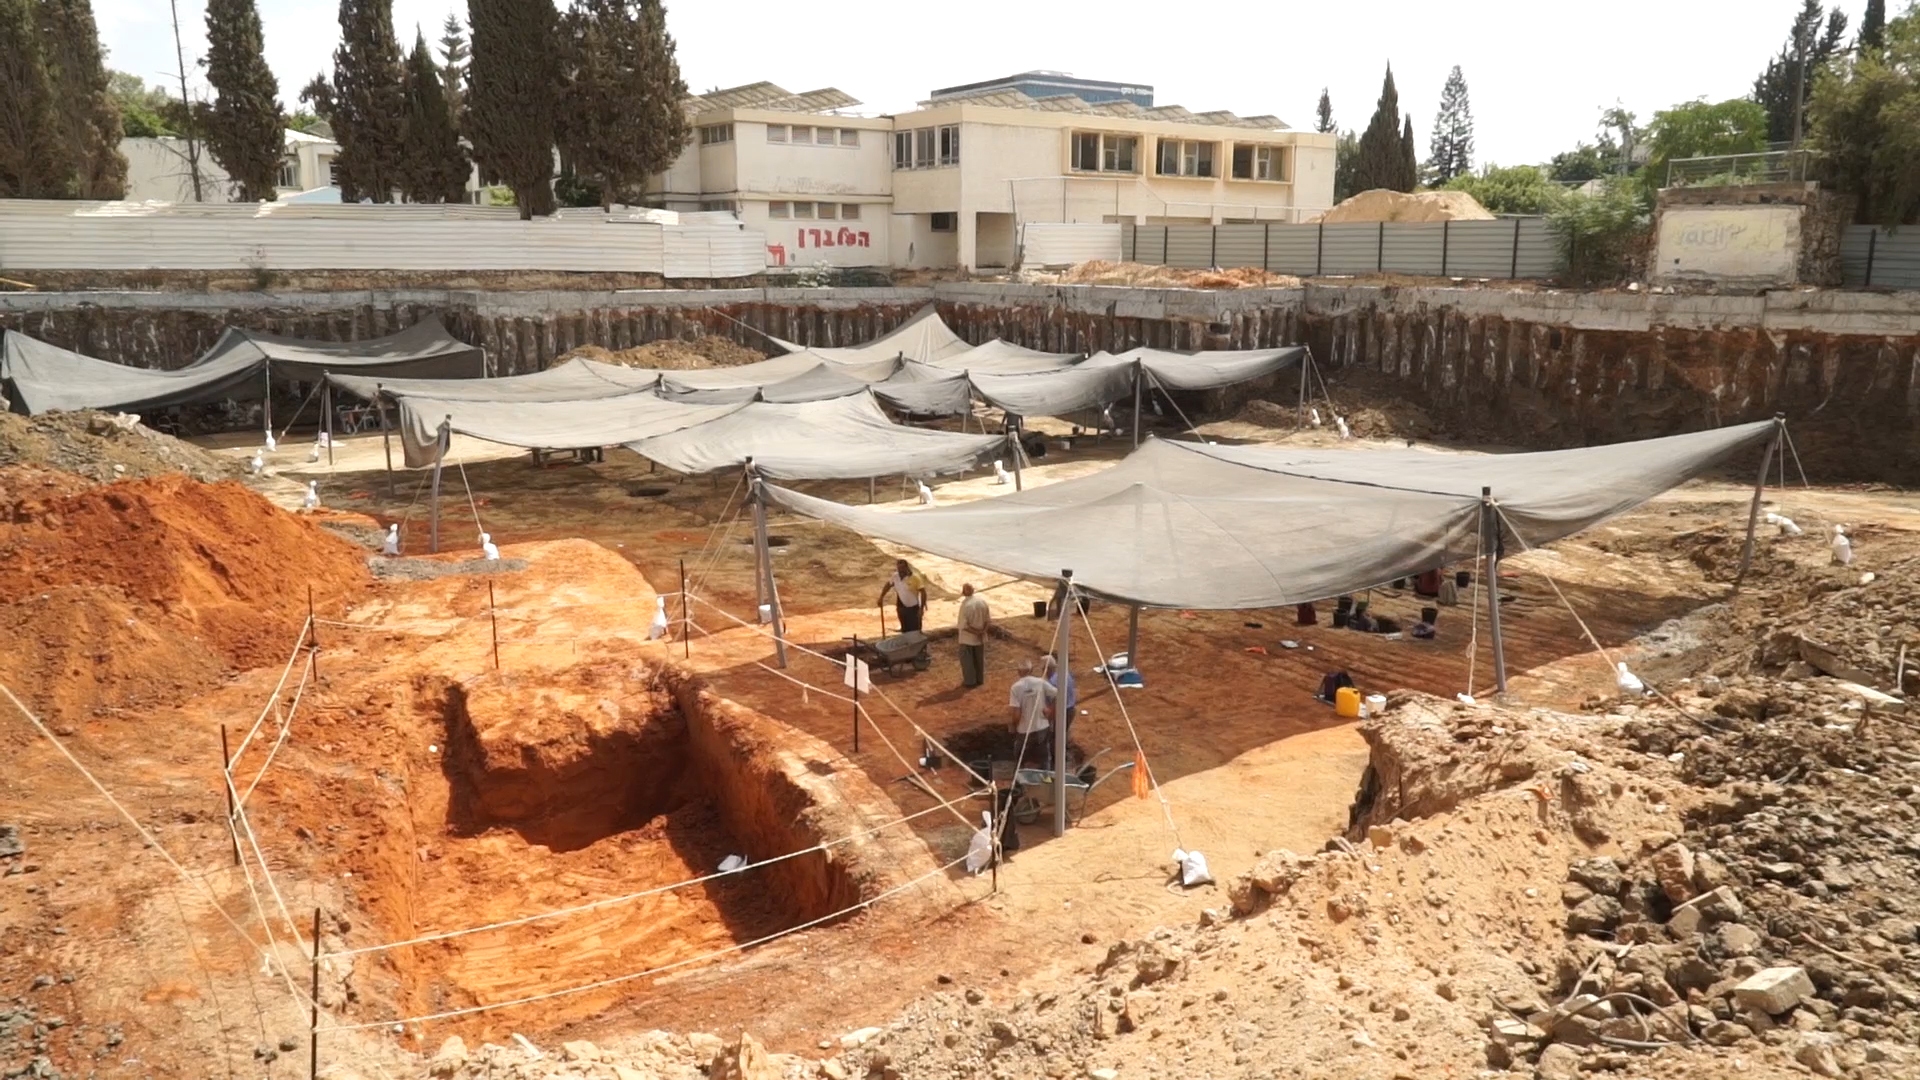 שטח החפירה. צילום: EYECON